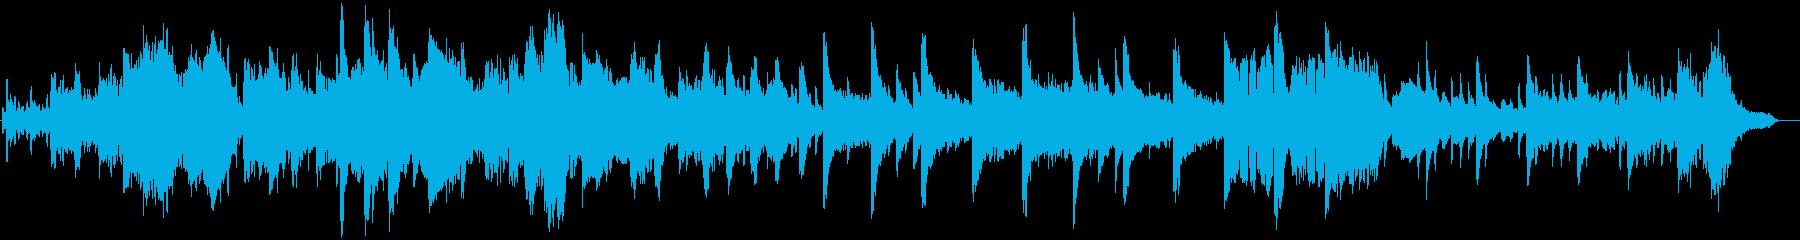 神秘的な浮遊感のあるフルートの再生済みの波形